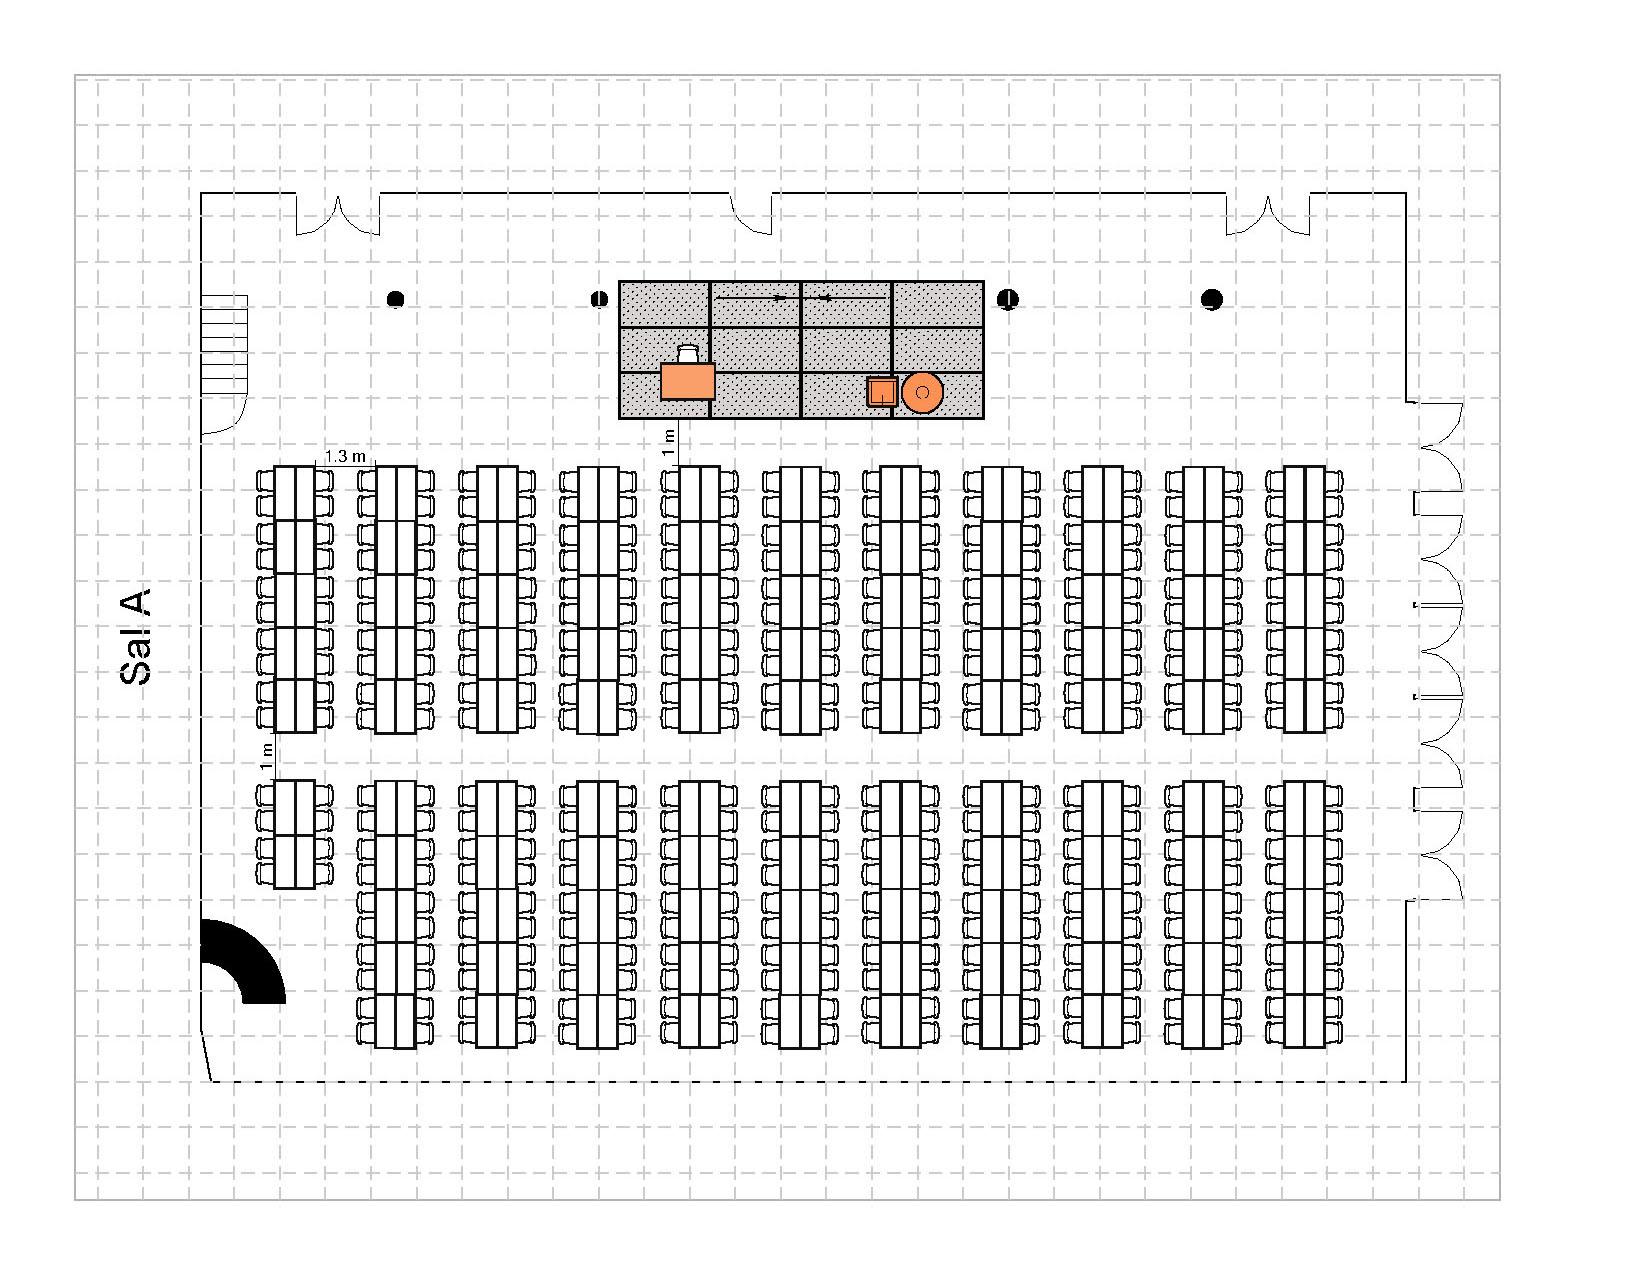 Bankett langbord 428 plasser